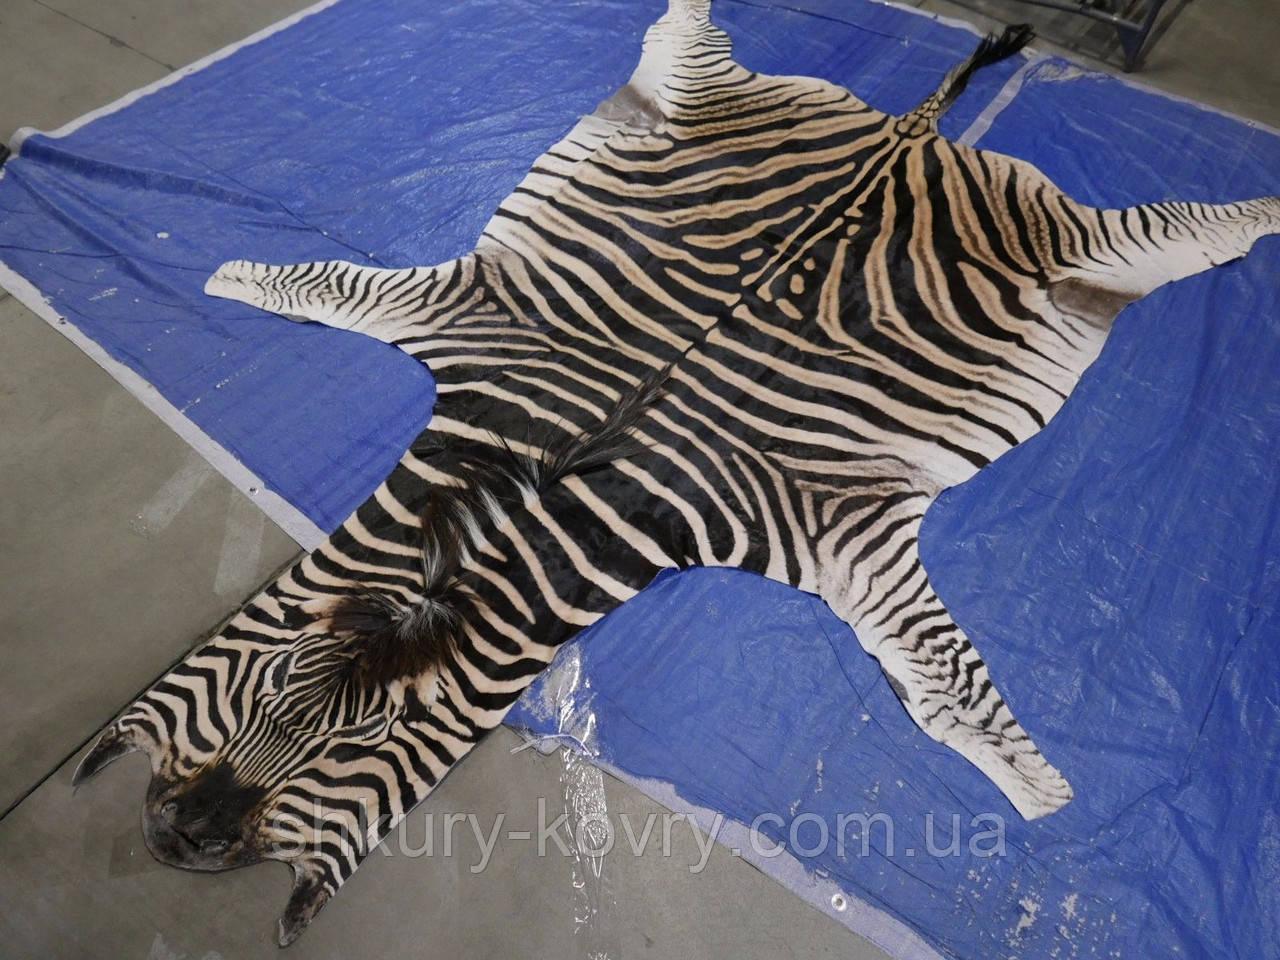 Шкуры африканской зебры на пол для декора интрьера